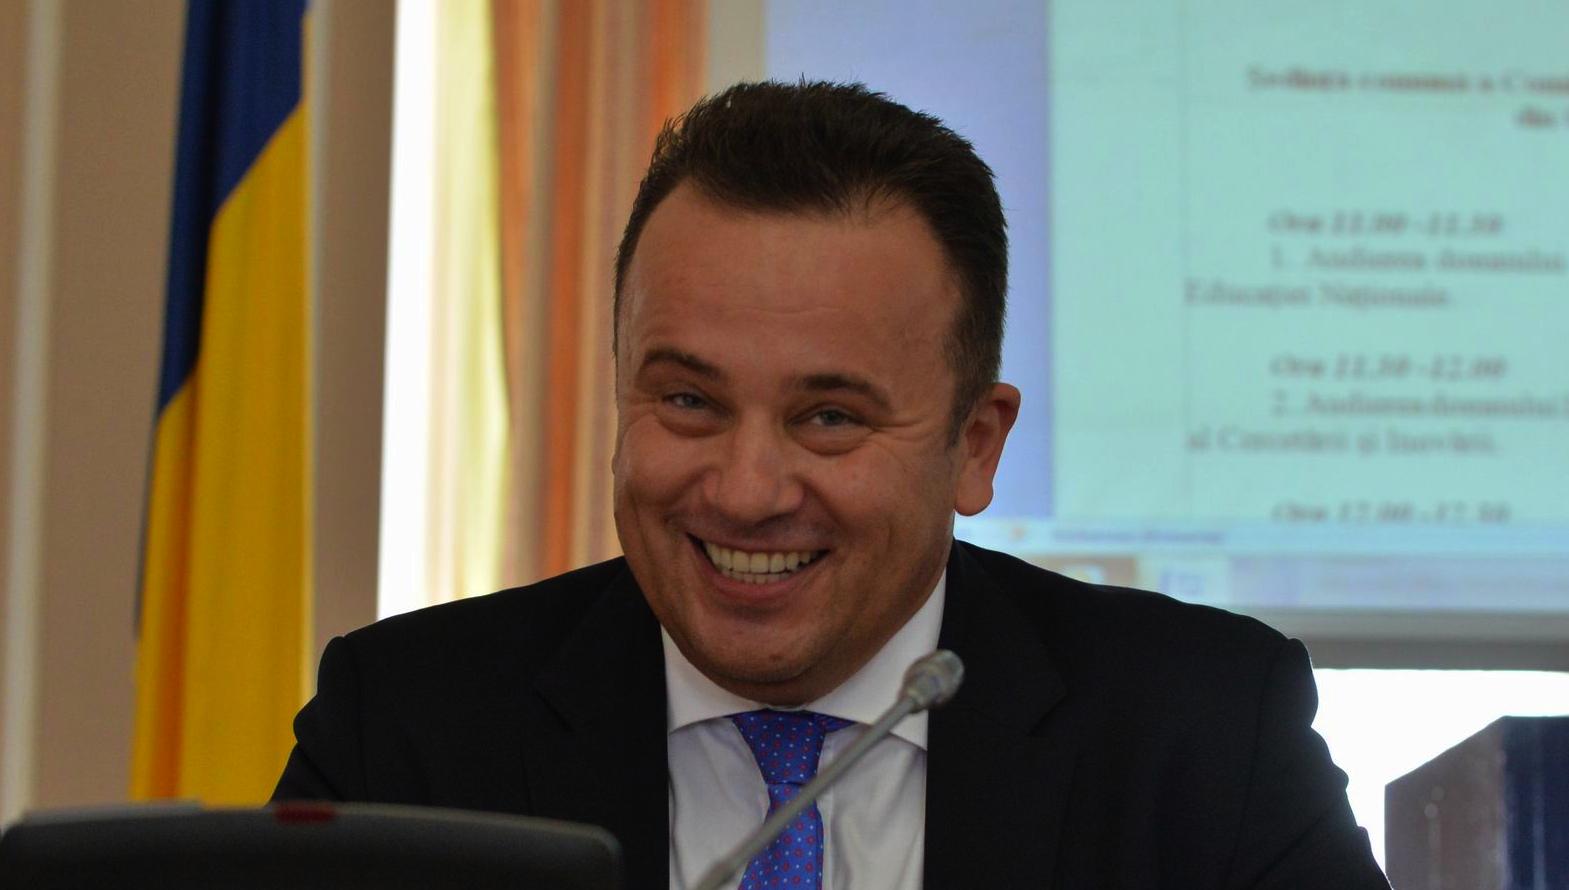 """Liviu Genunche Pop, fost ministru al Educației: """"Uni dintre elevi citește, dar nu înțelege, iar alți înțelege, dar nu citește!"""""""